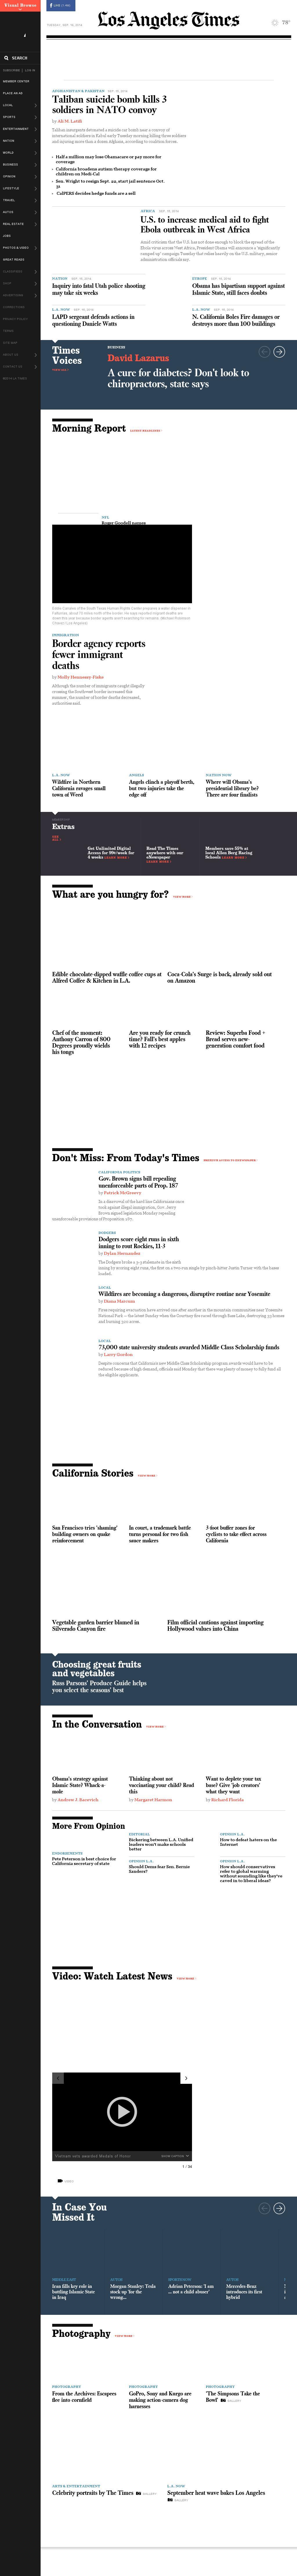 Los Angeles Times at Tuesday Sept. 16, 2014, 12:08 p.m. UTC